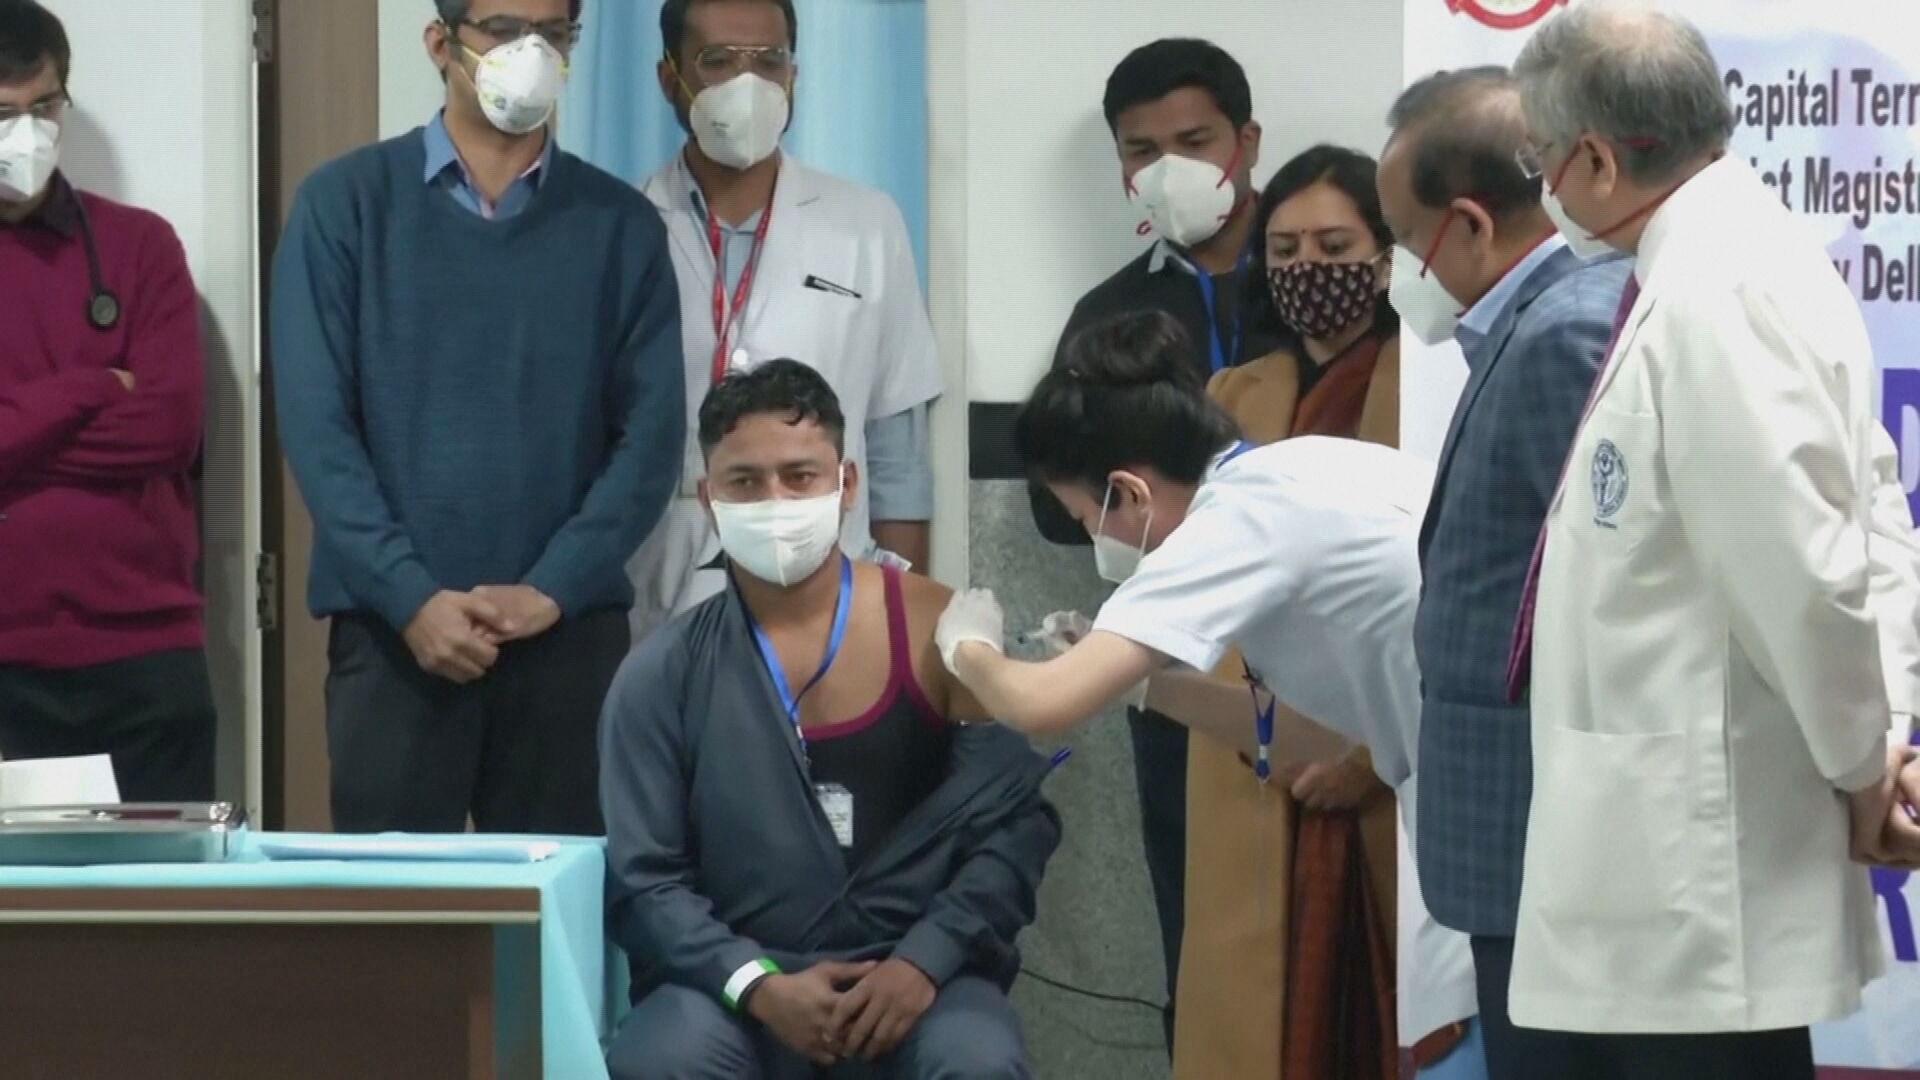 Pessoa recebe imunizante contra Covid-19 no primeiro dia de campanha na Índia